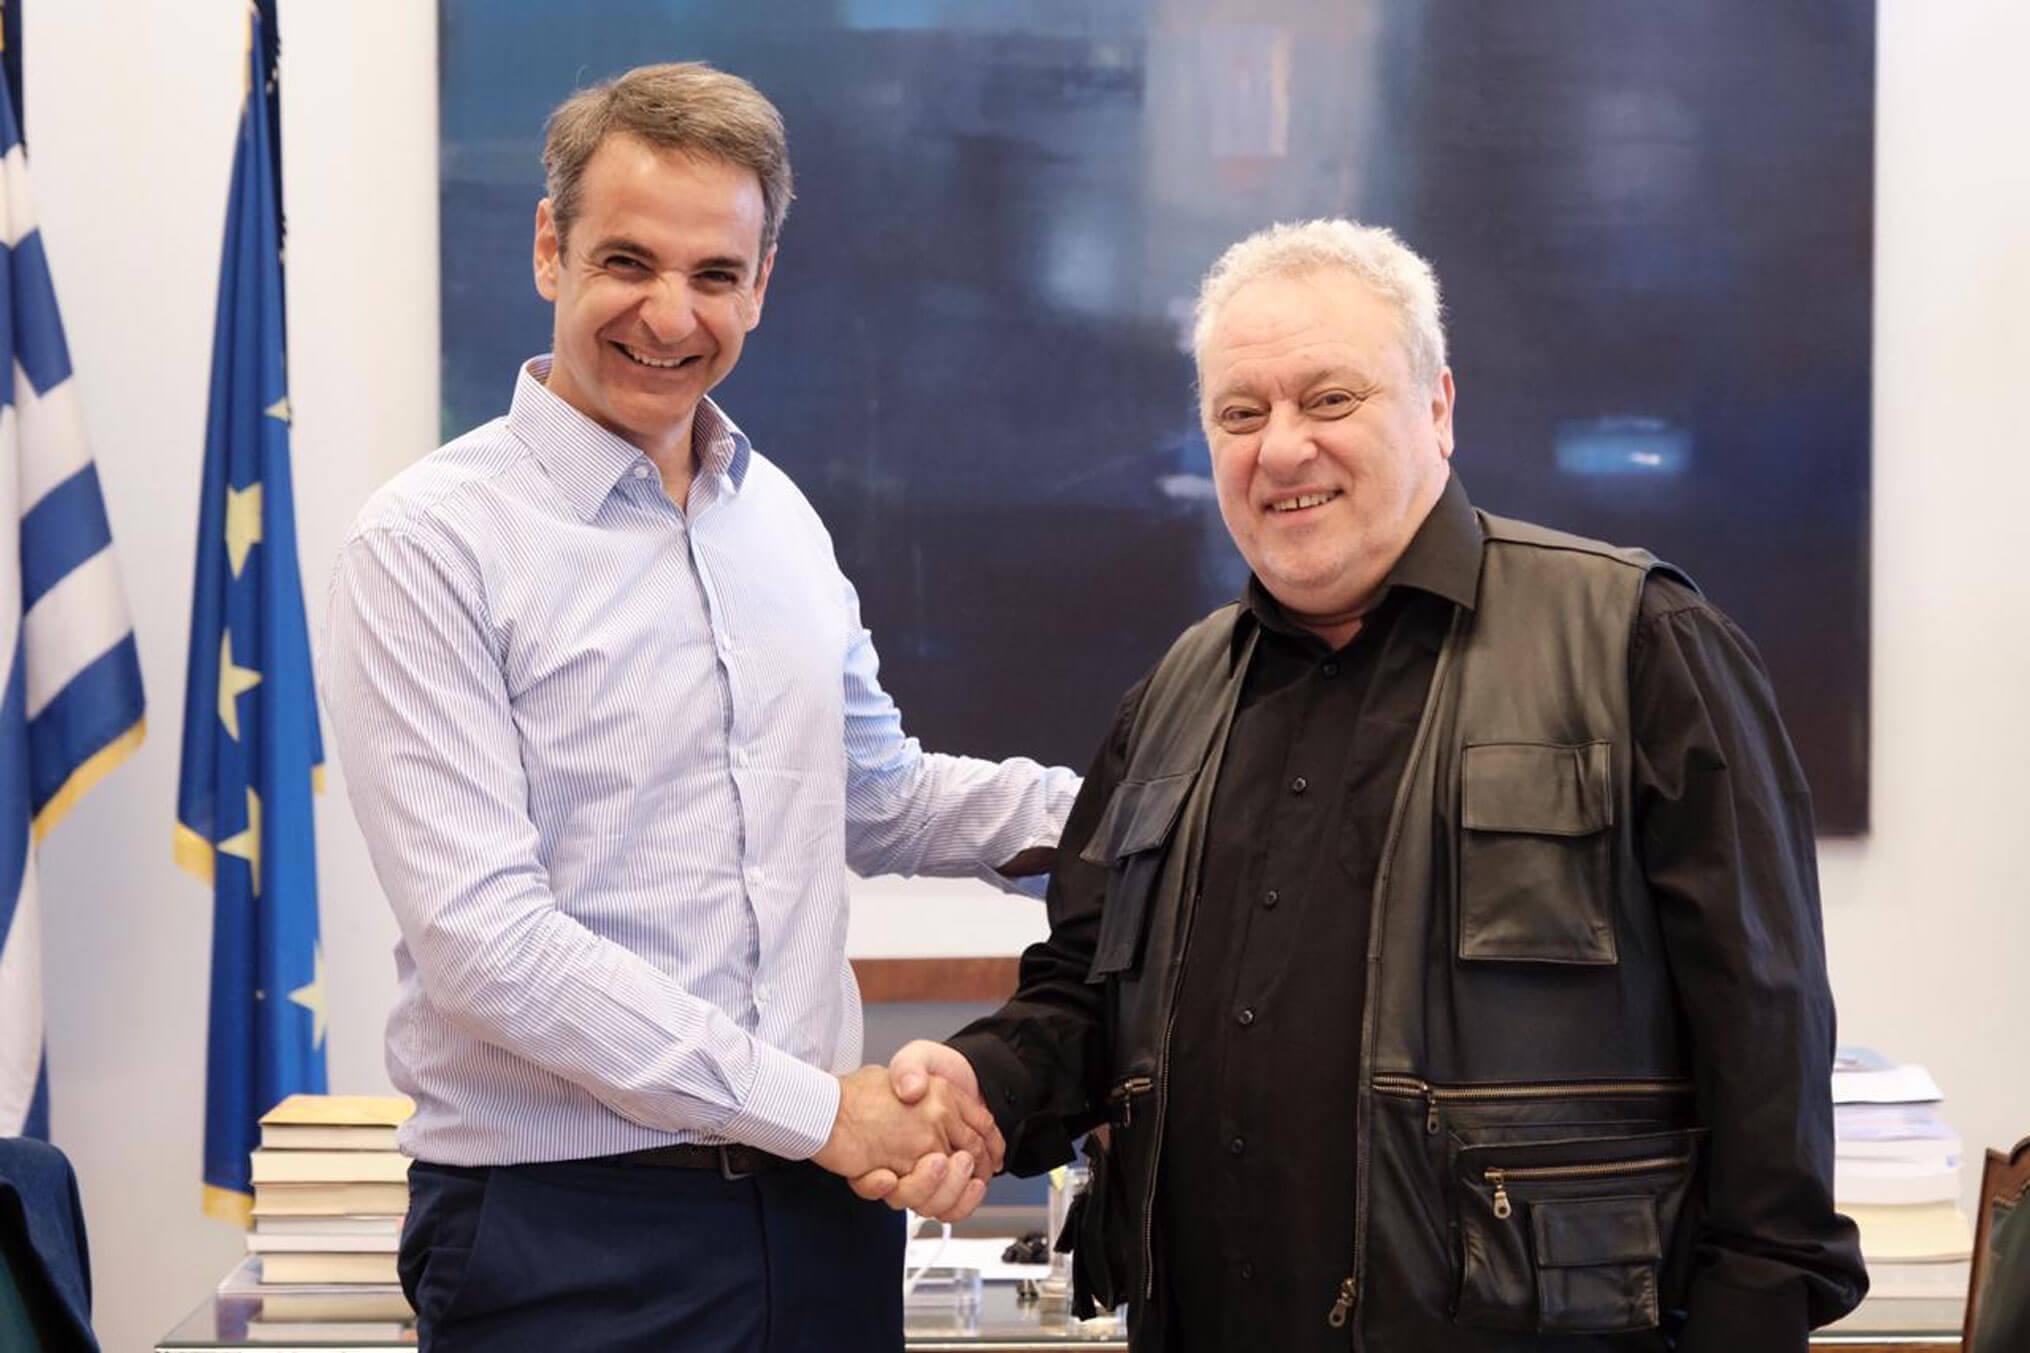 Έδωσαν τα χέρια Μητσοτάκης – Ψαριανός: Υποψήφιος στη Β' Αθηνών ο… βουλευτής του Ποταμιού